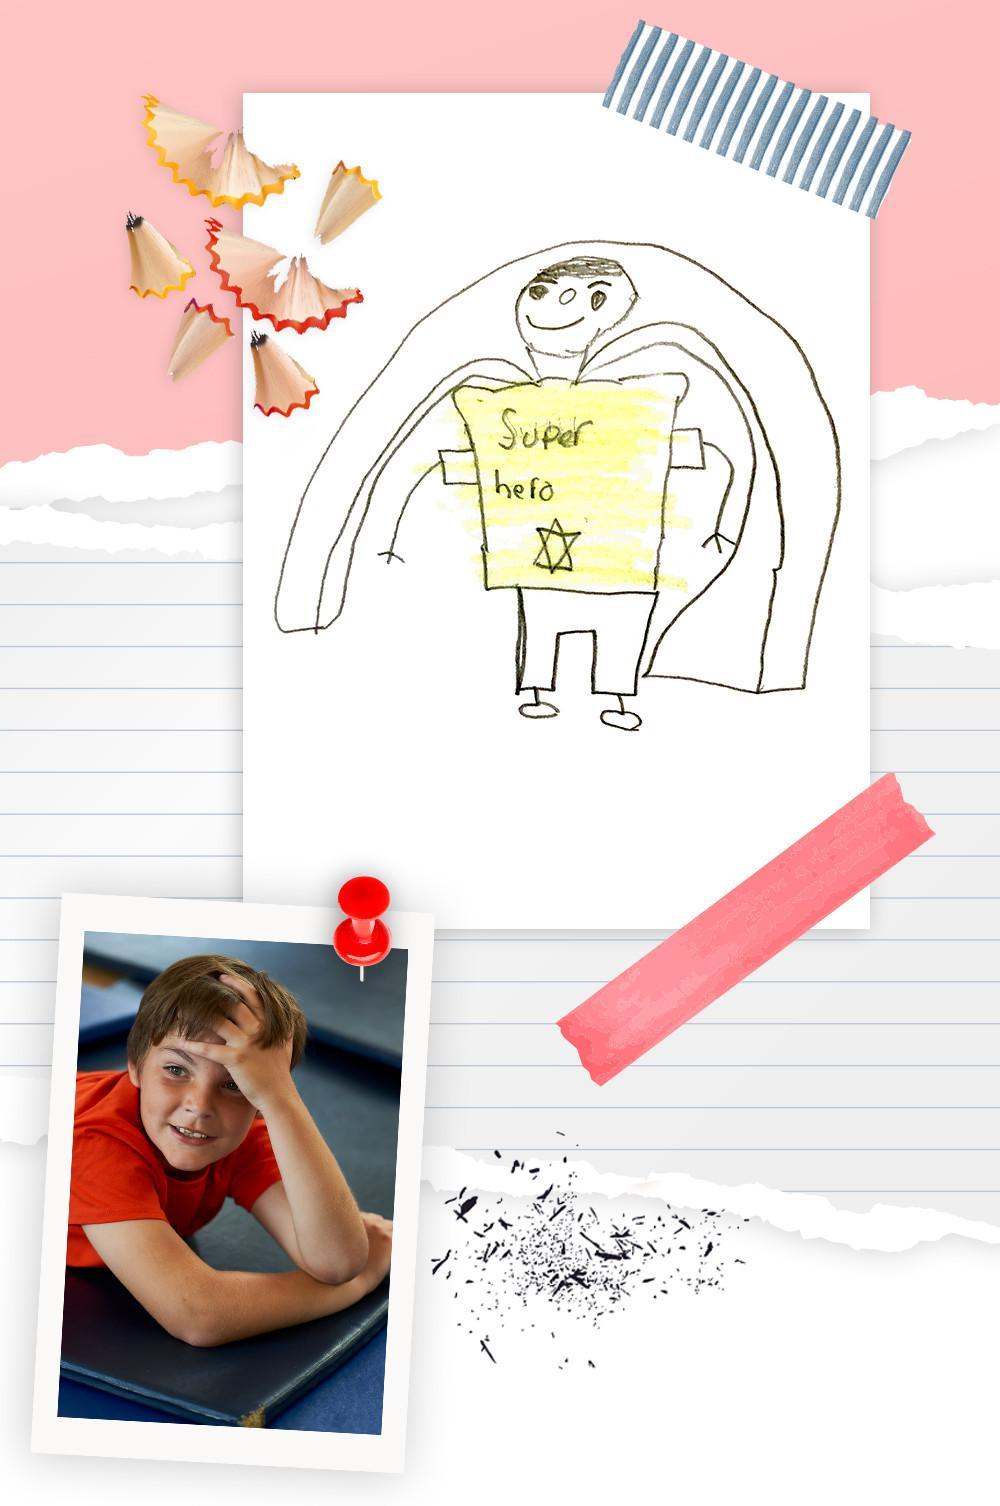 Jamie image